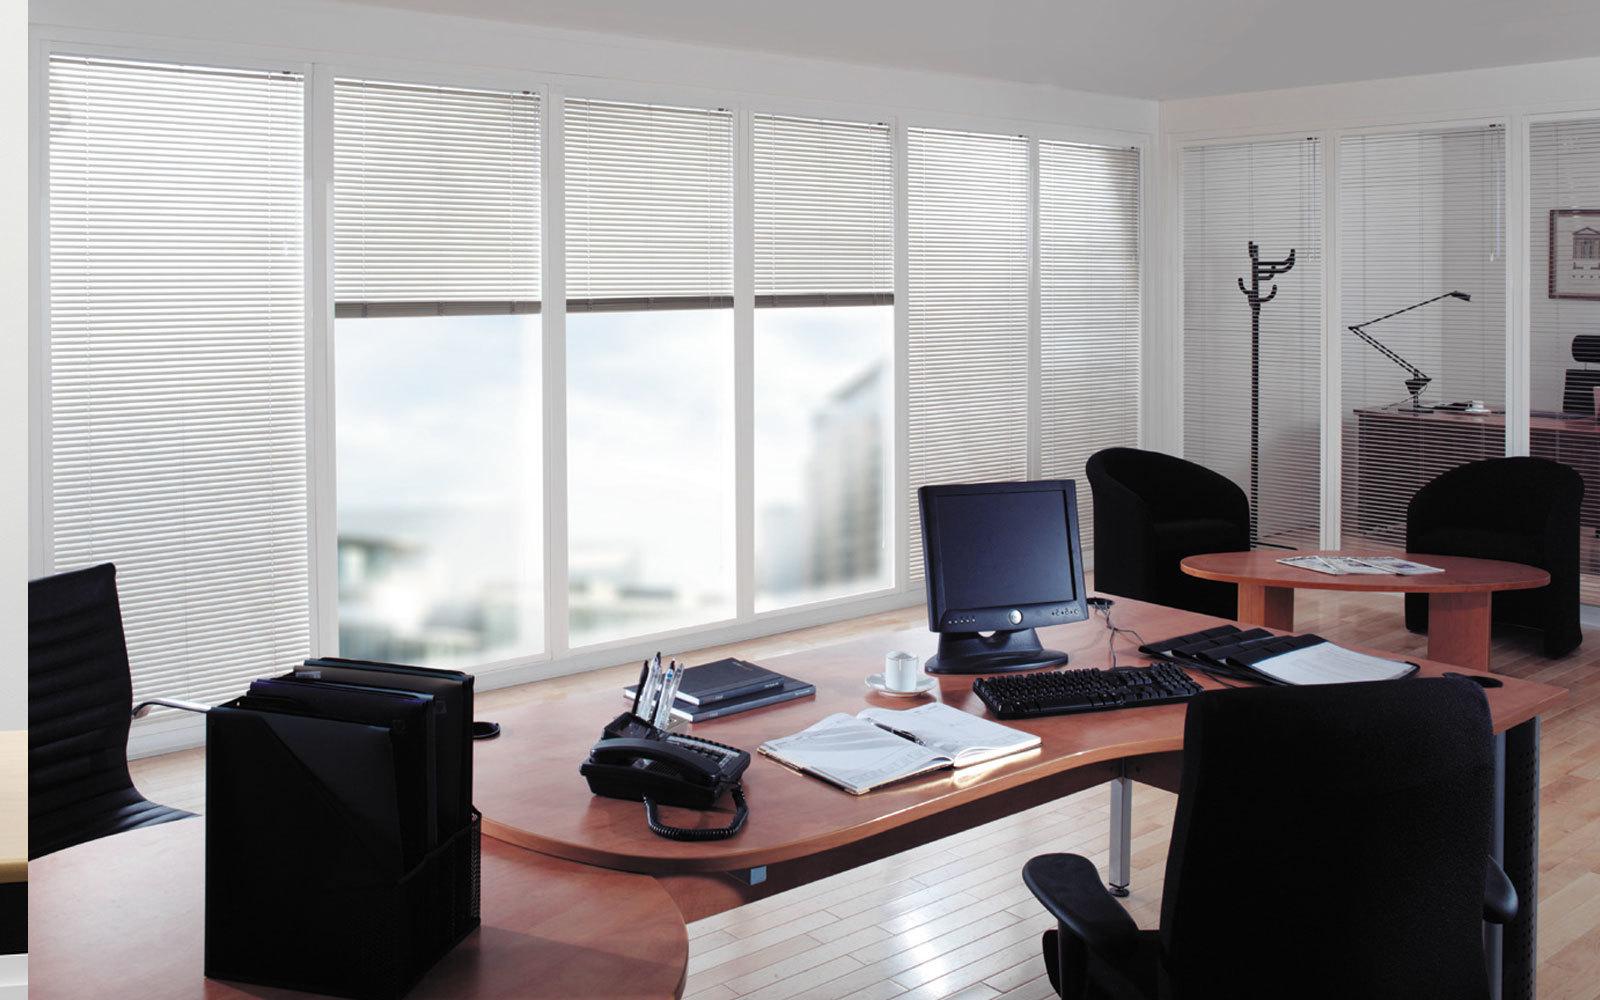 шторы в офис идеи дизайн